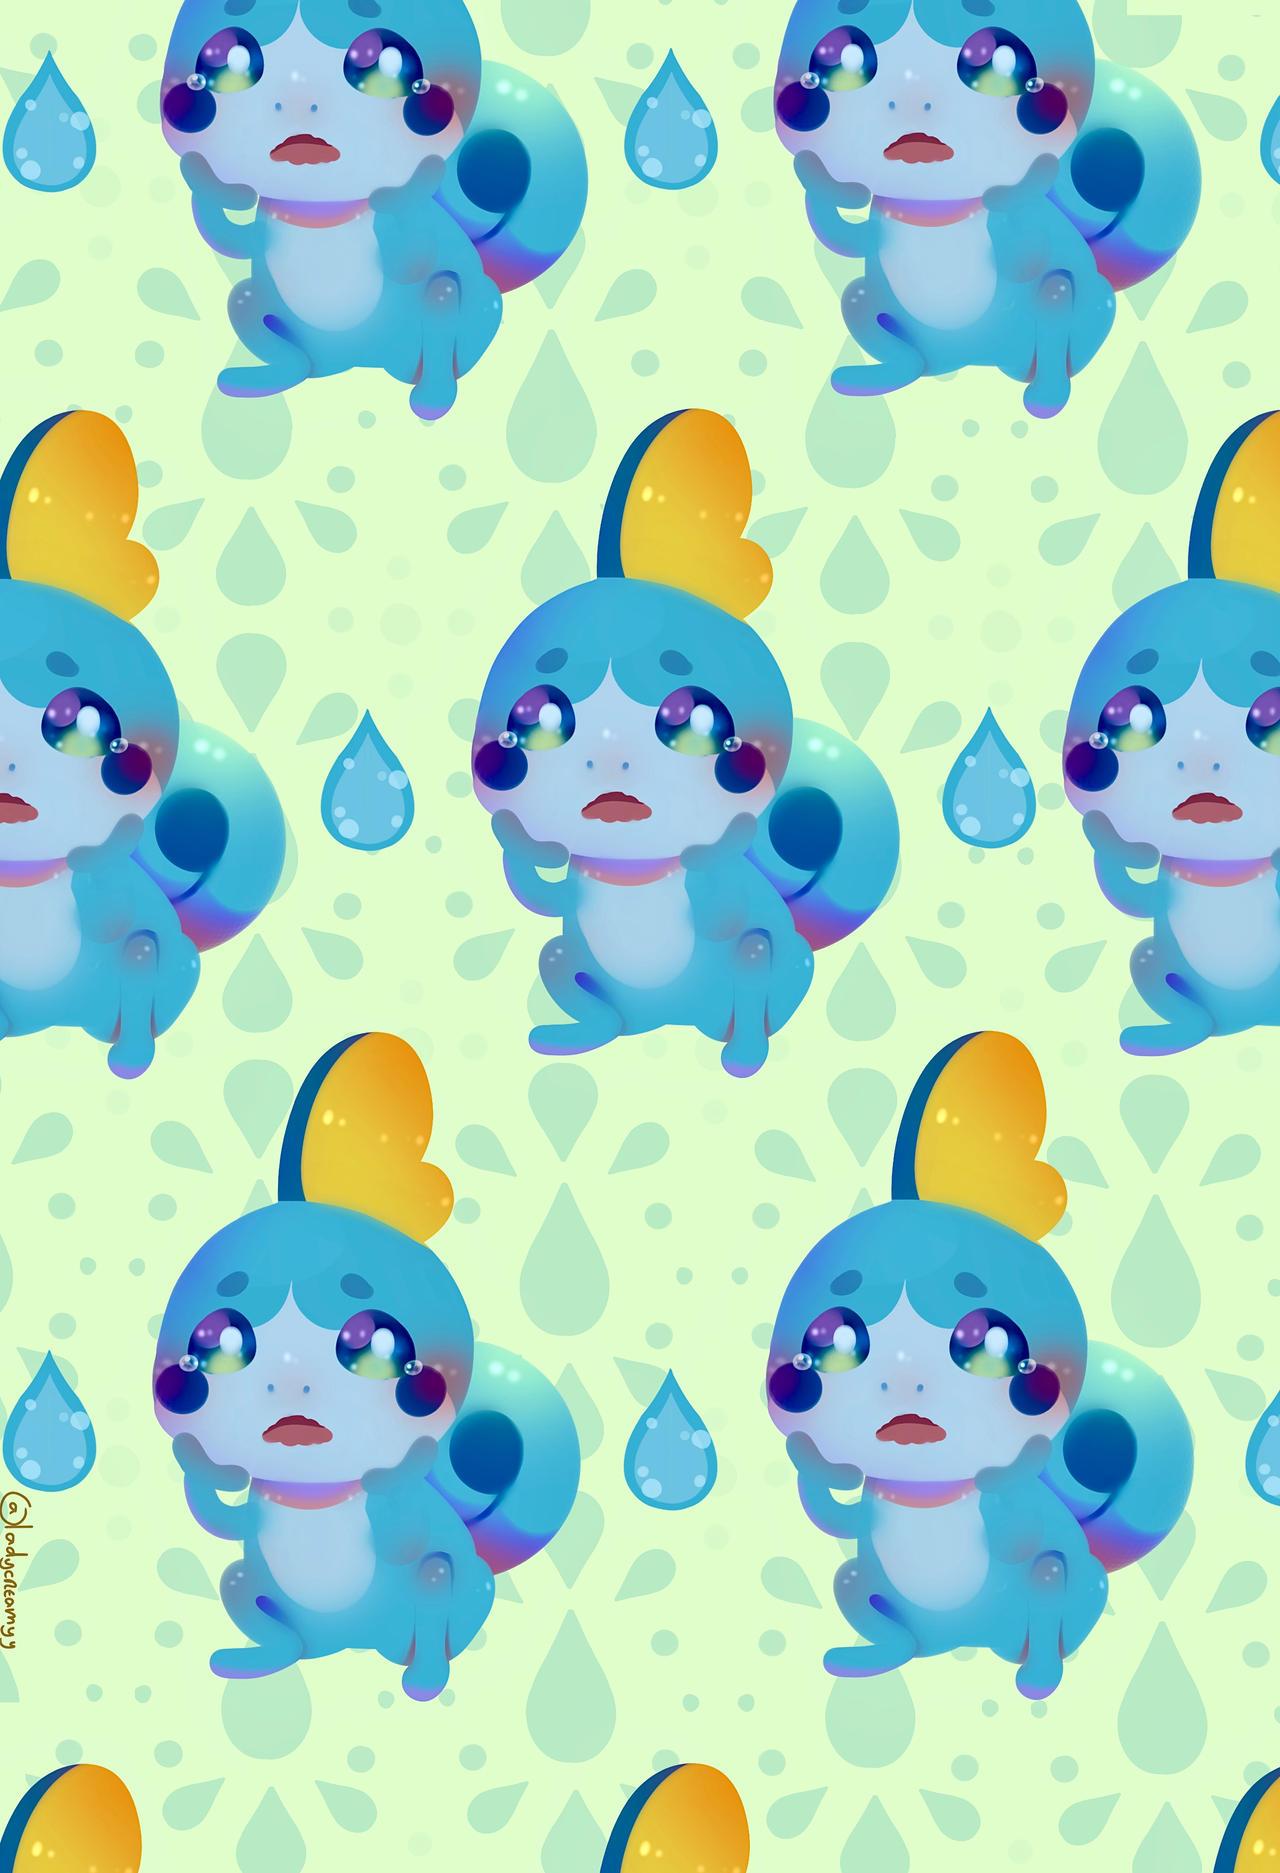 Sobble Wallpaper Fanart Pokemon Sword And Shield By Ladycreamy On